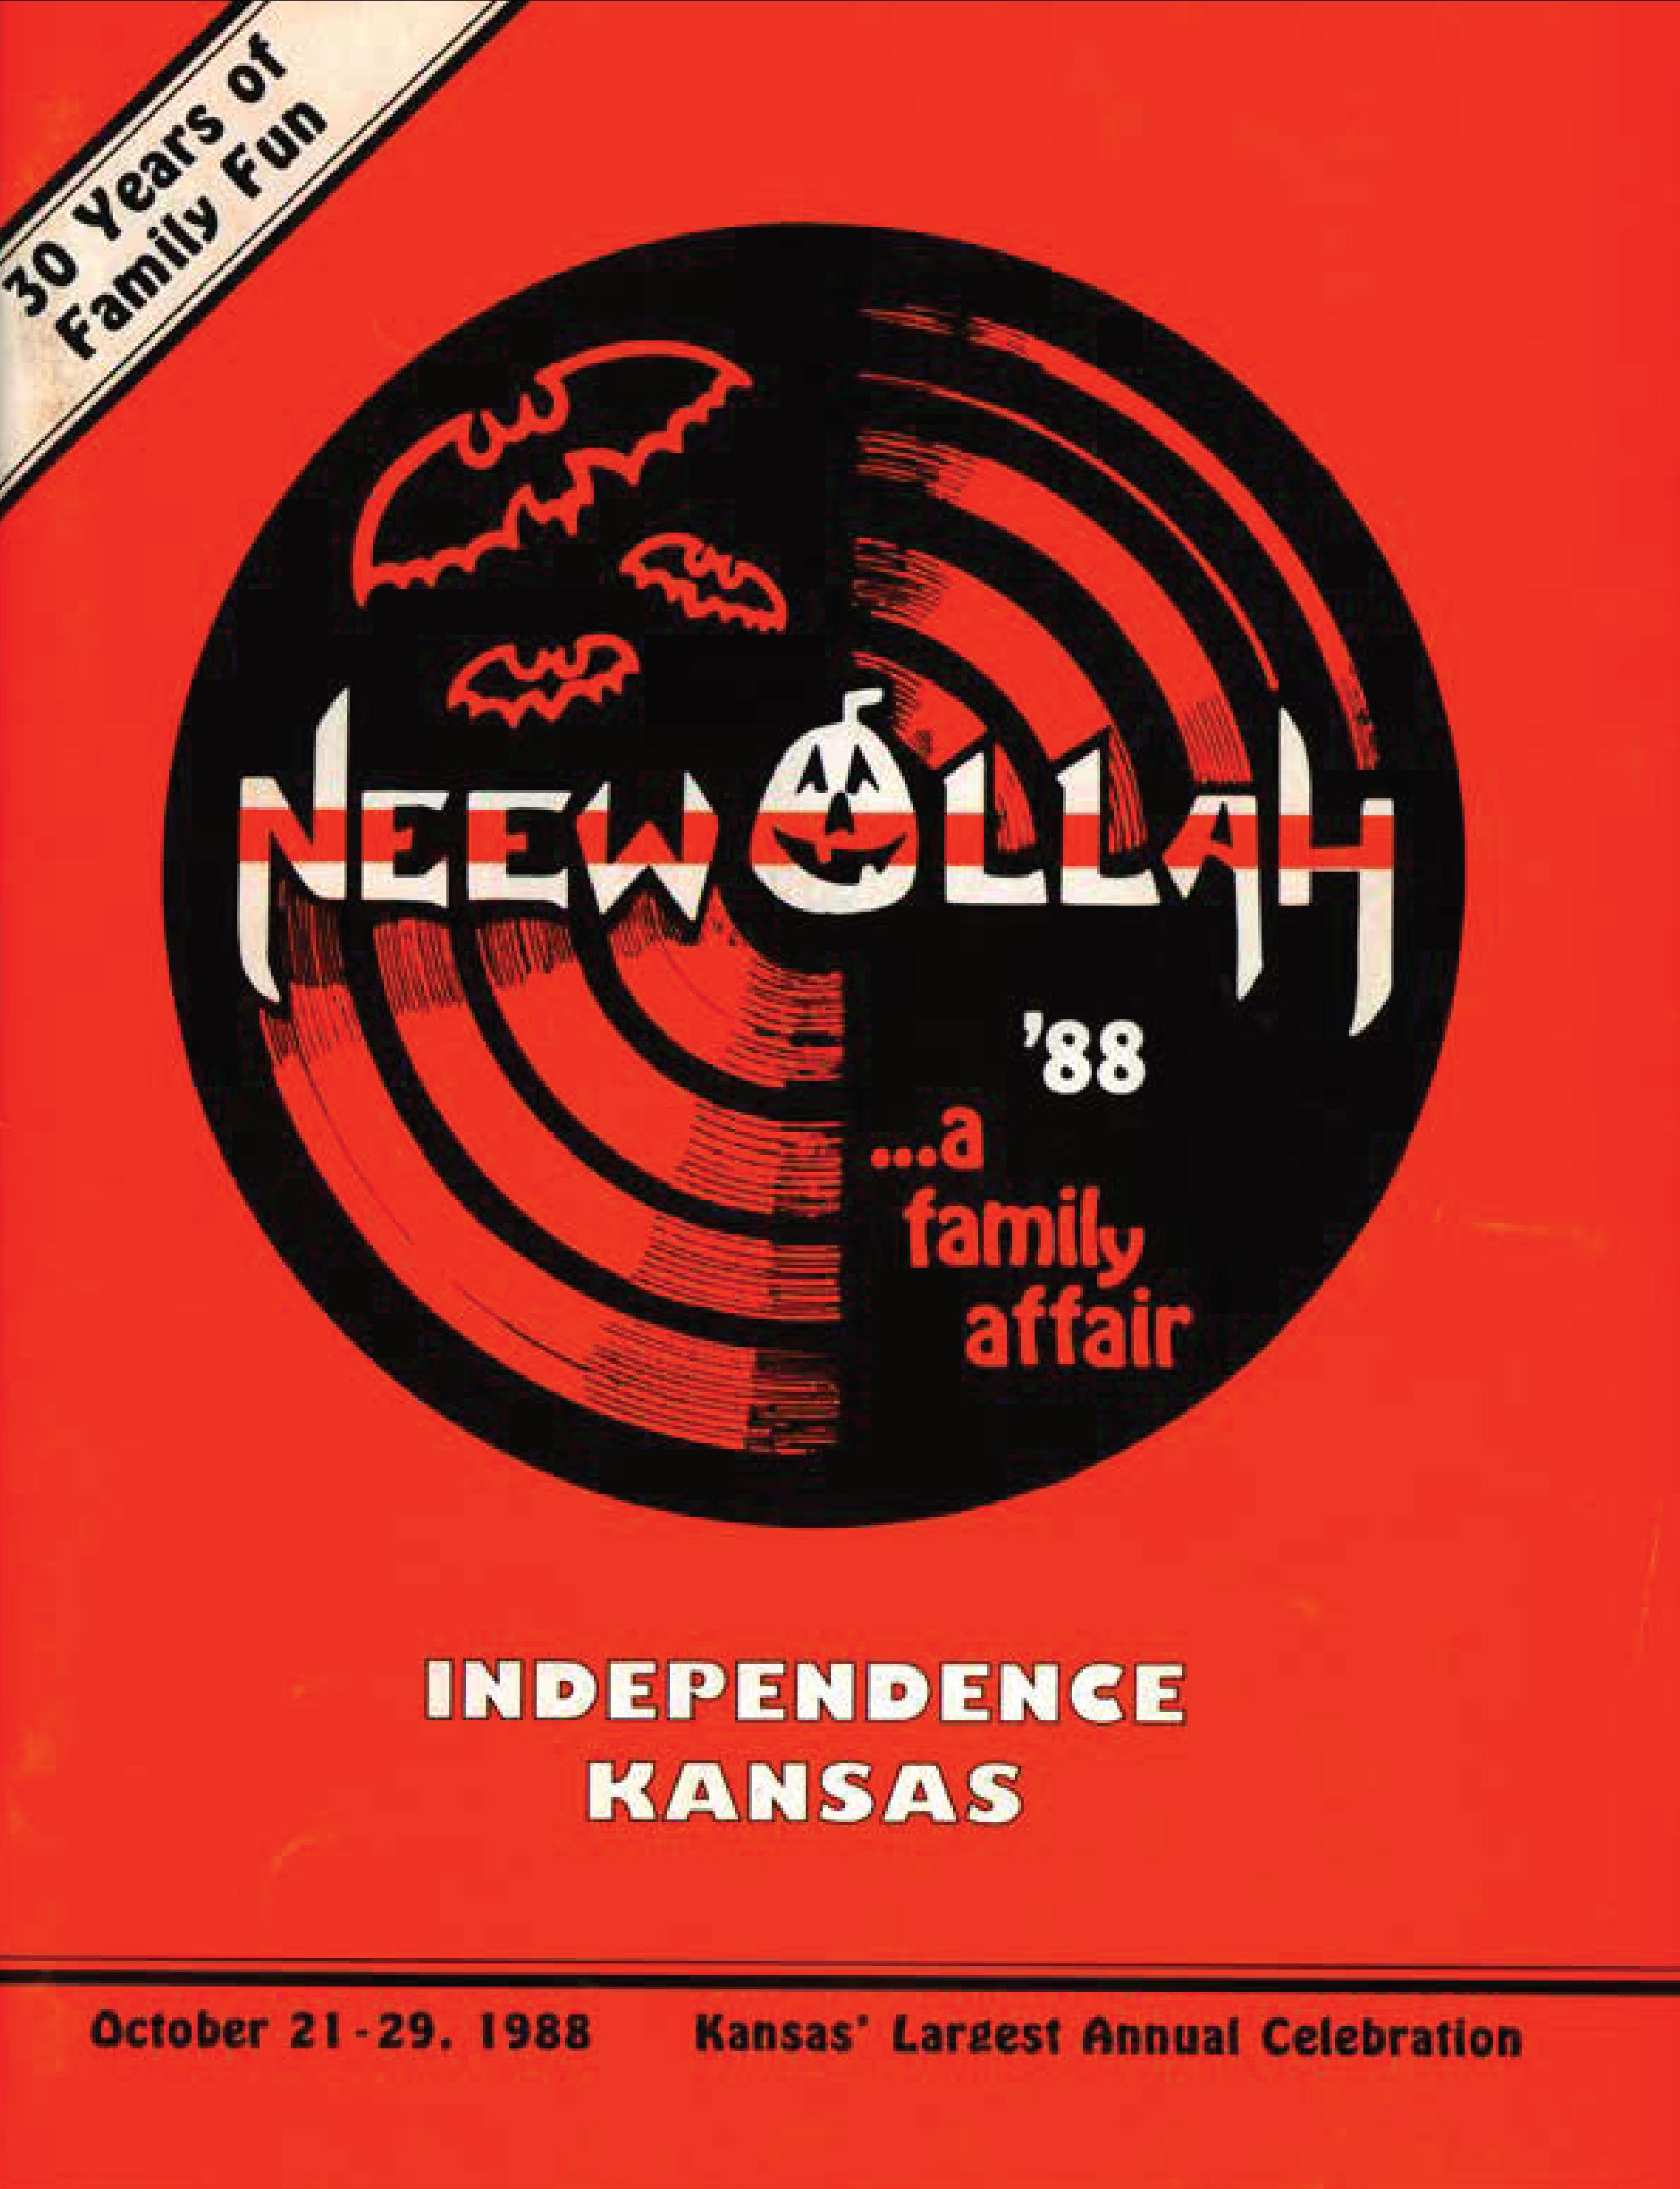 Neewollah 1988 A Family Affair